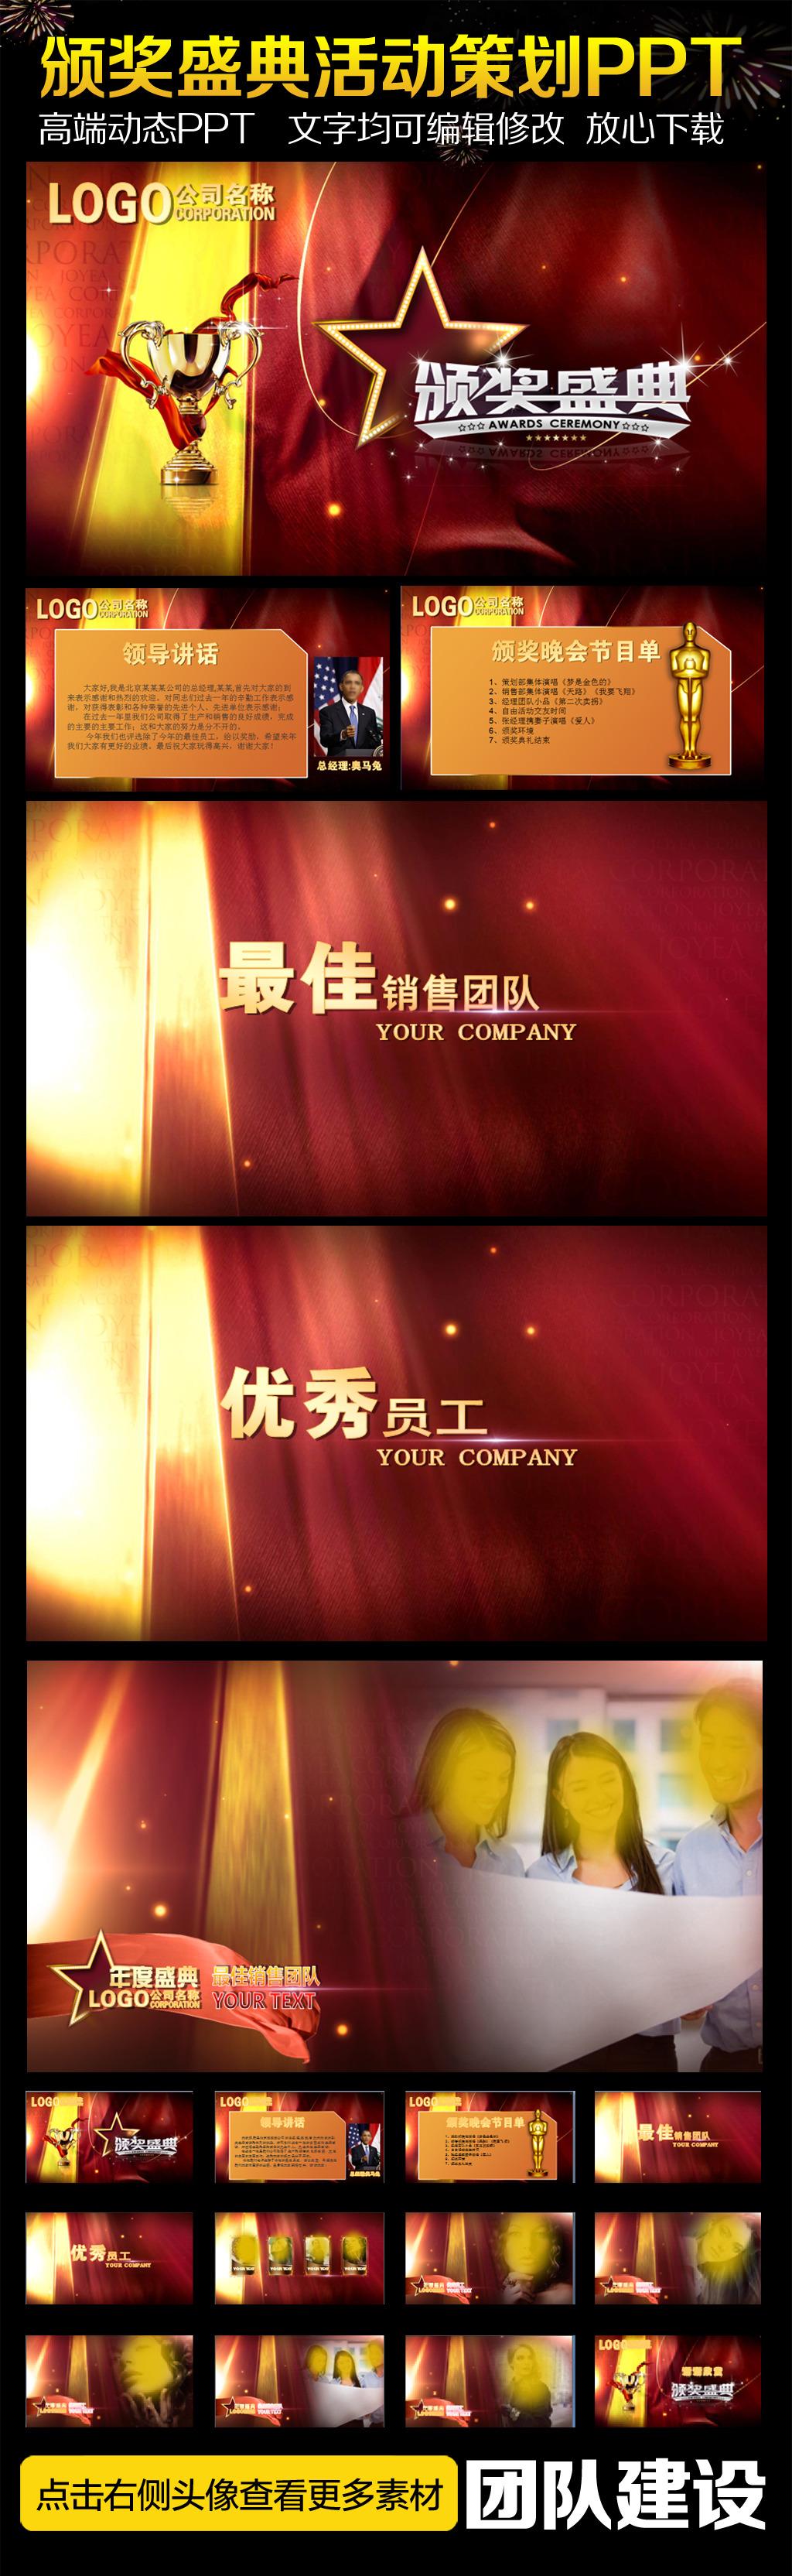 2015羊年颁奖典礼企业年会ppt模板下载(图片编号:)-信息化ppt模